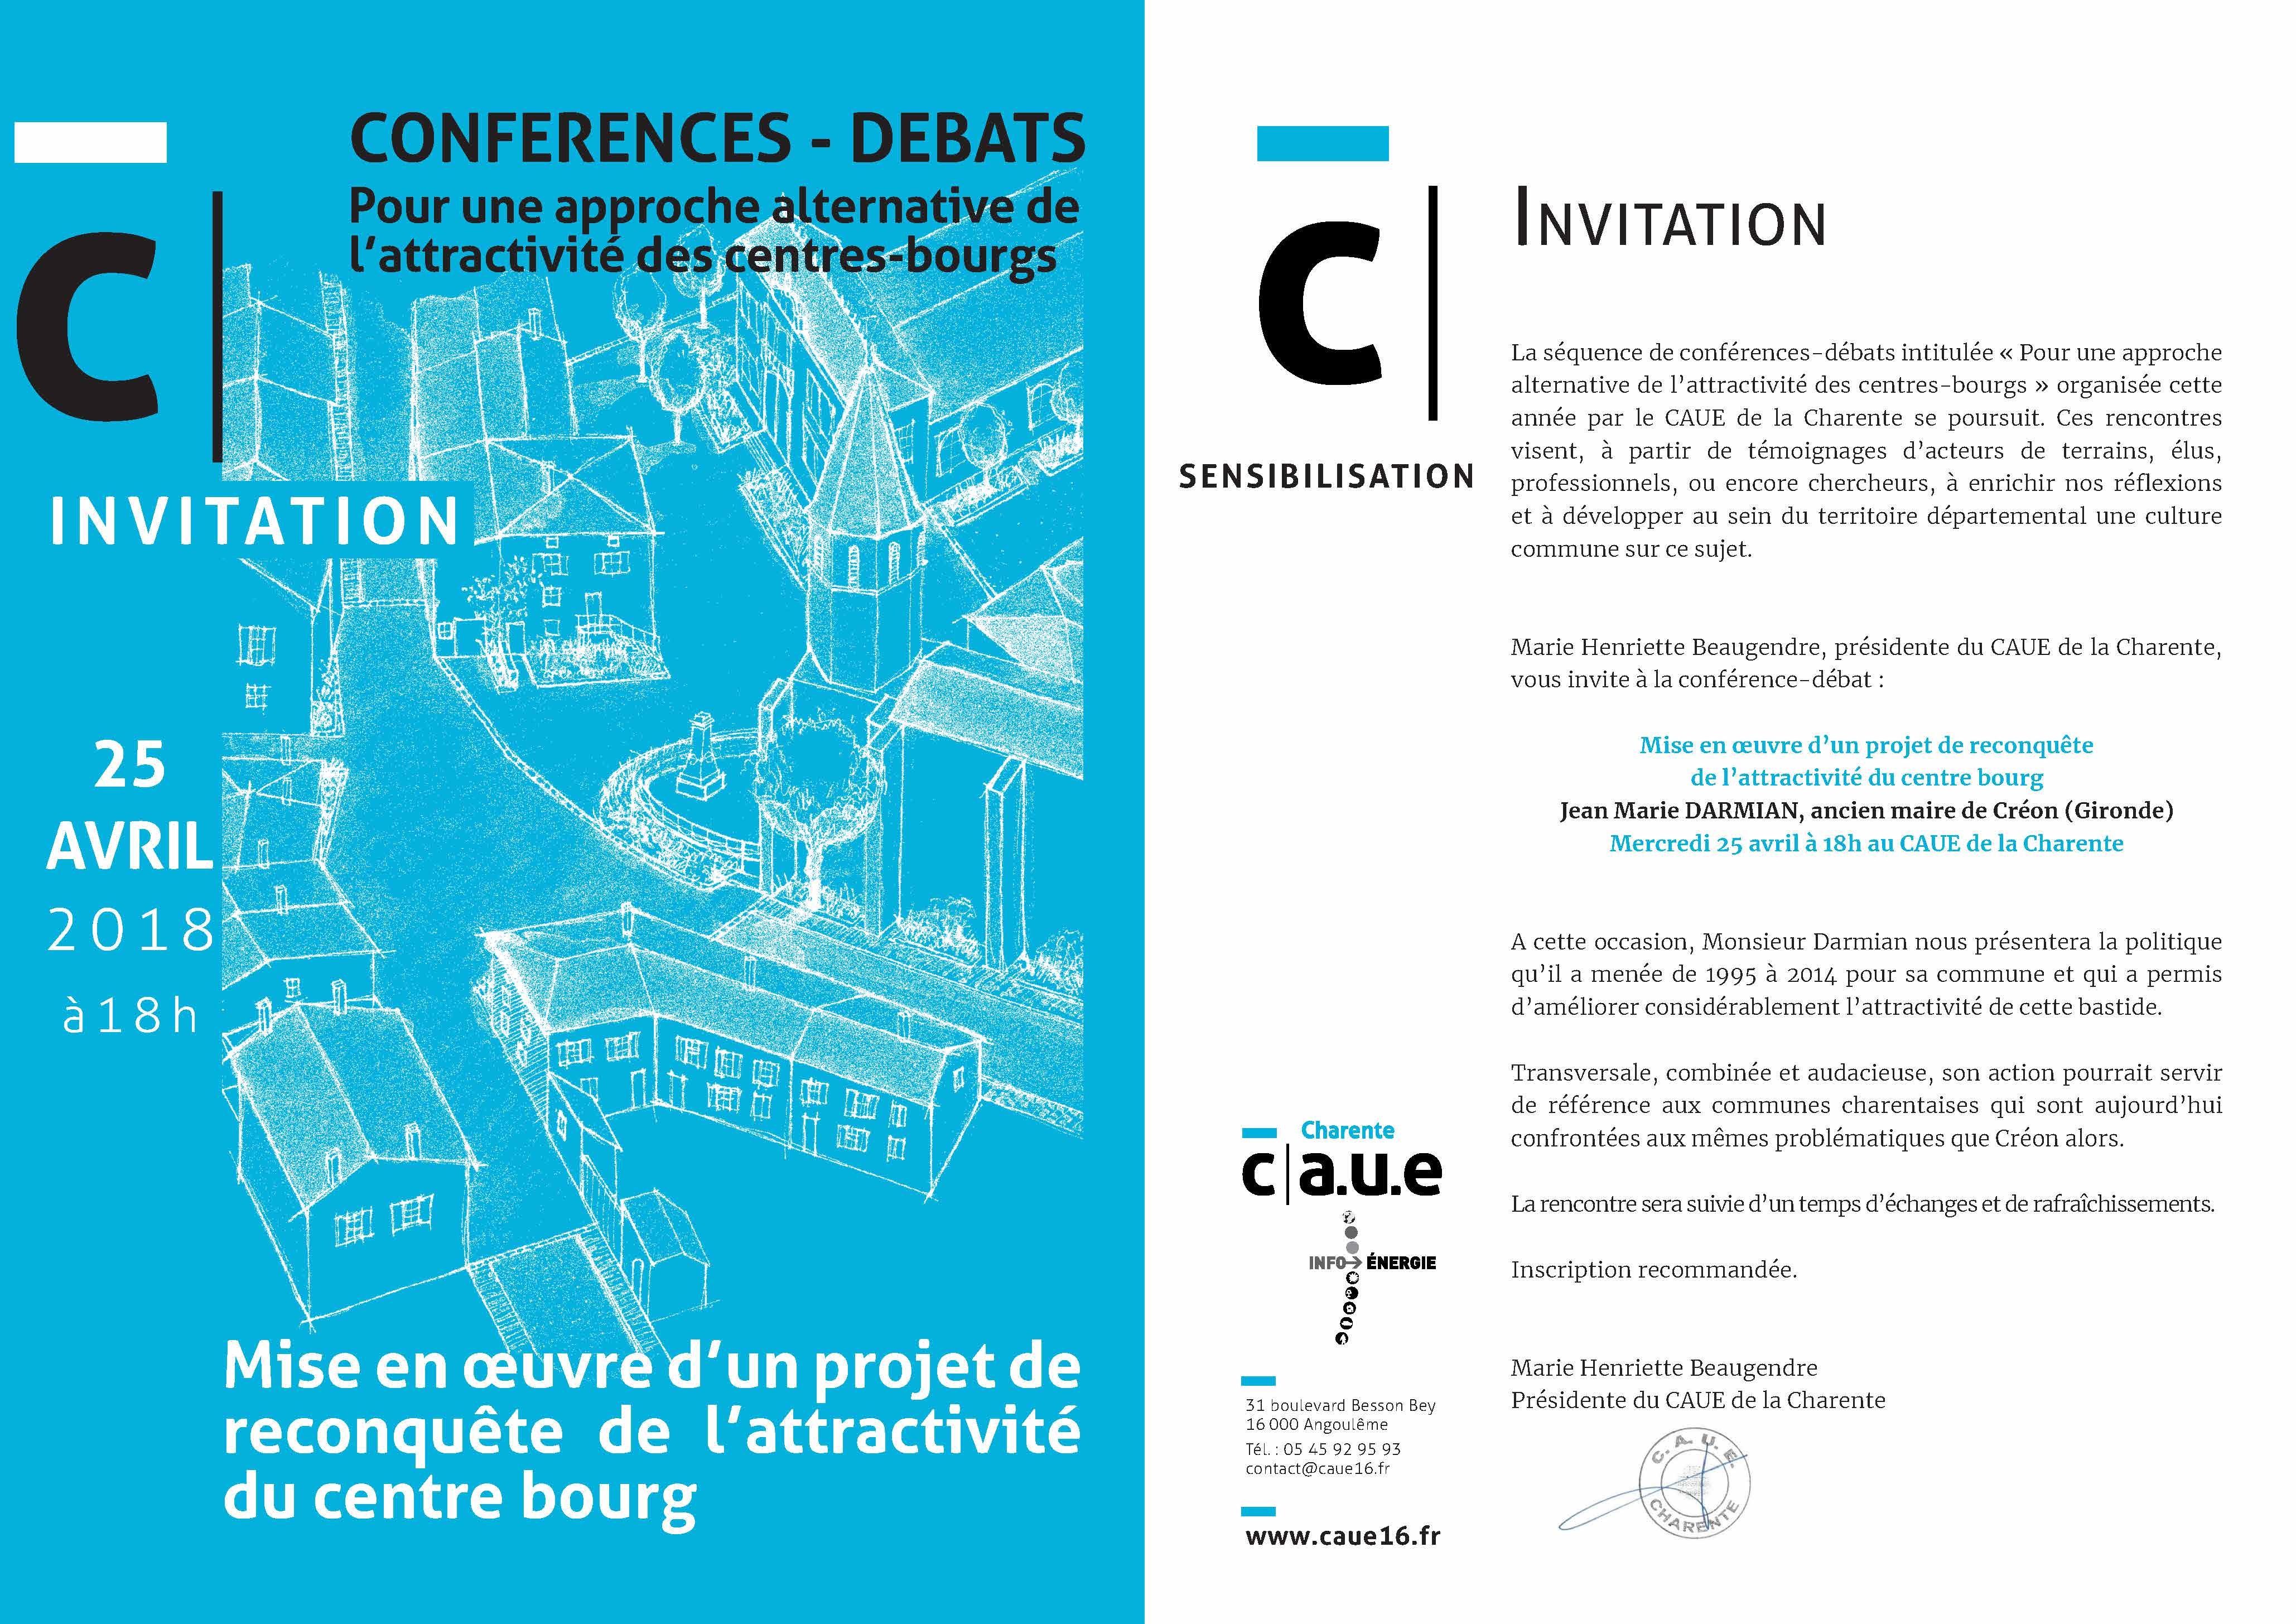 conférence débats 25 avril 2018 - caue 16